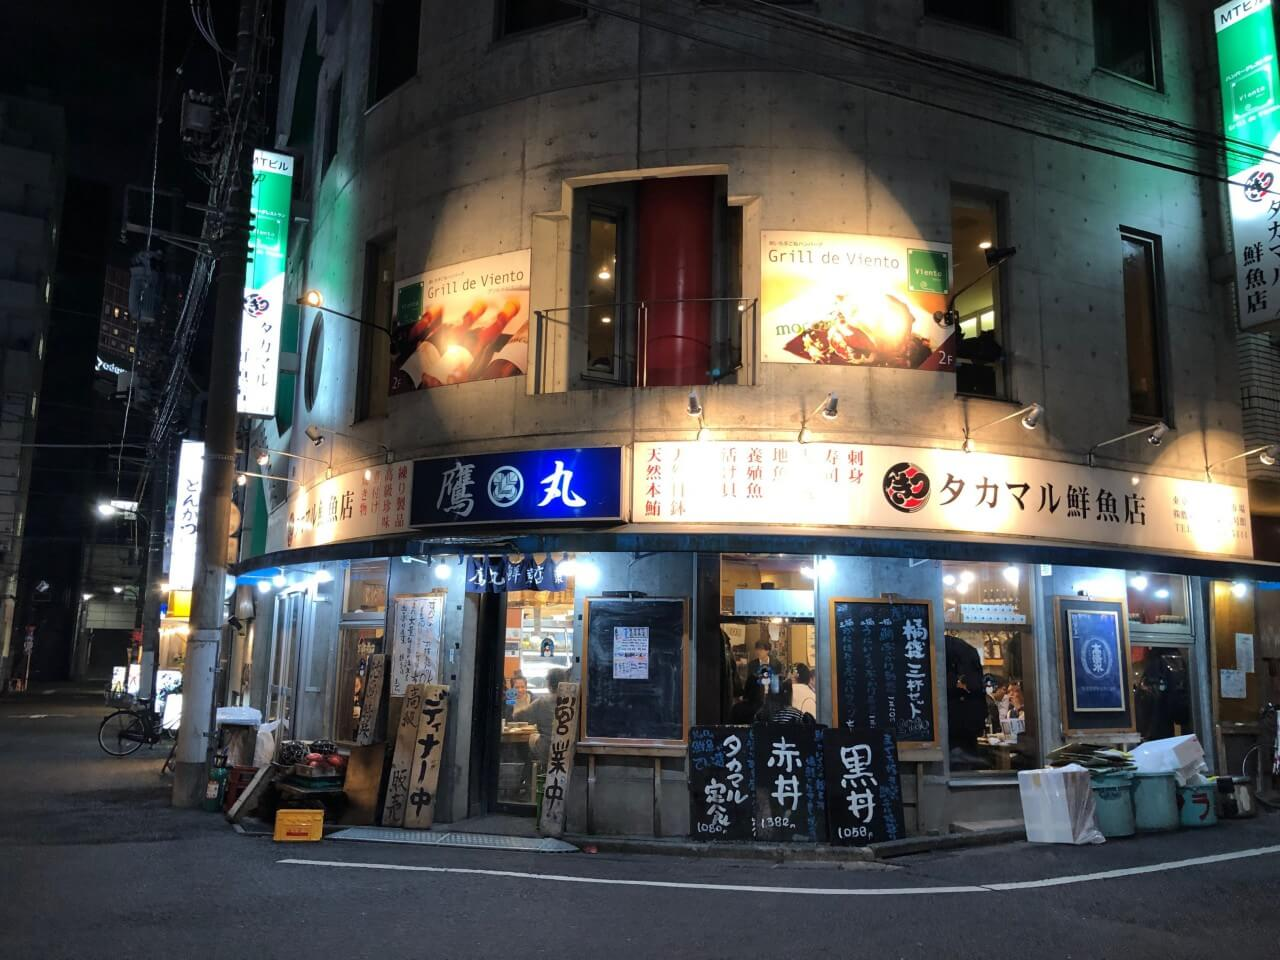 【東京美食推薦】日本人也愛吃的鷹丸鮮魚店,新宿平價生魚片海鮮丼